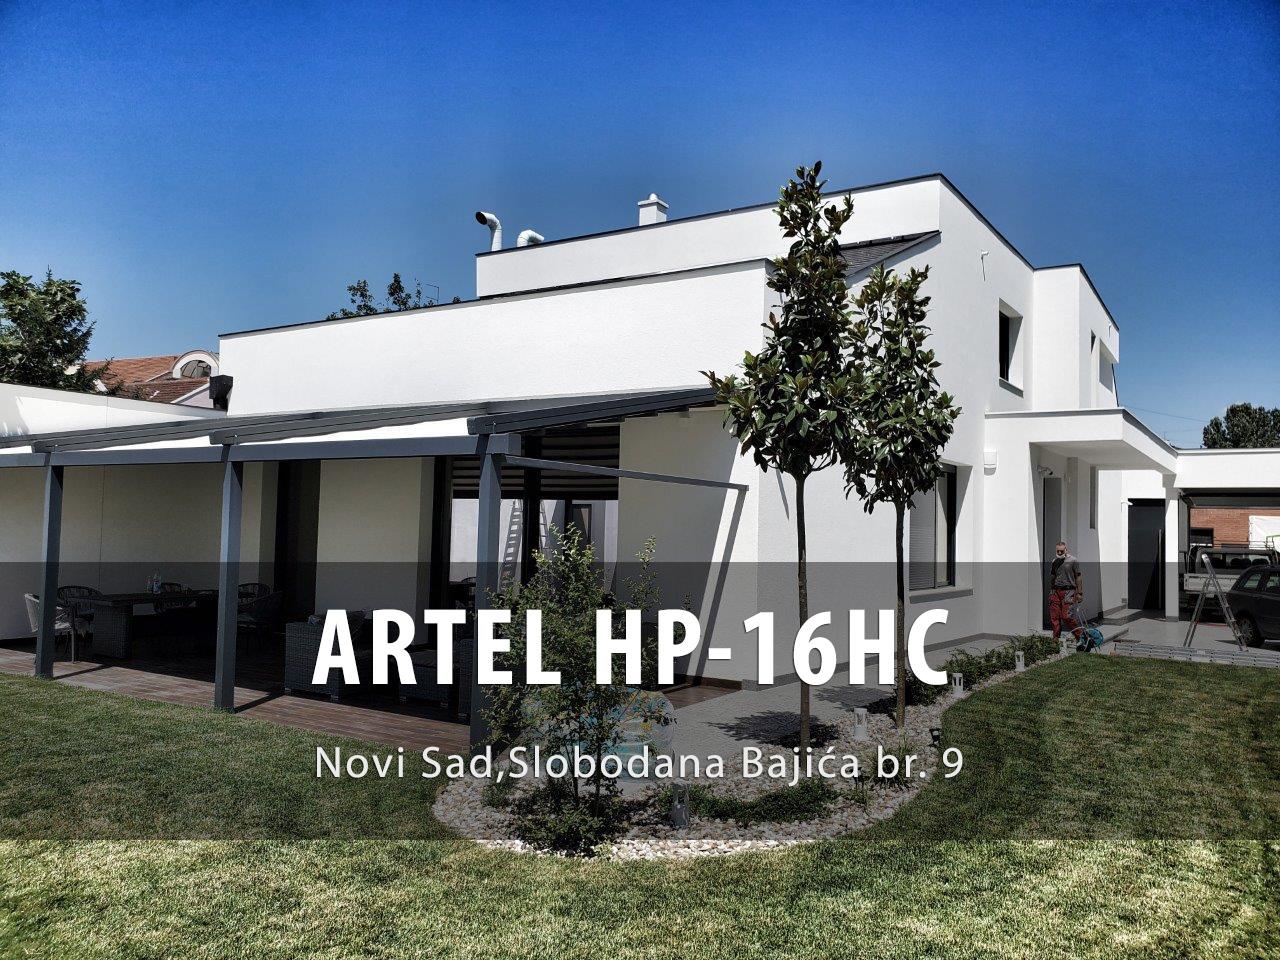 artel-hp-16hc